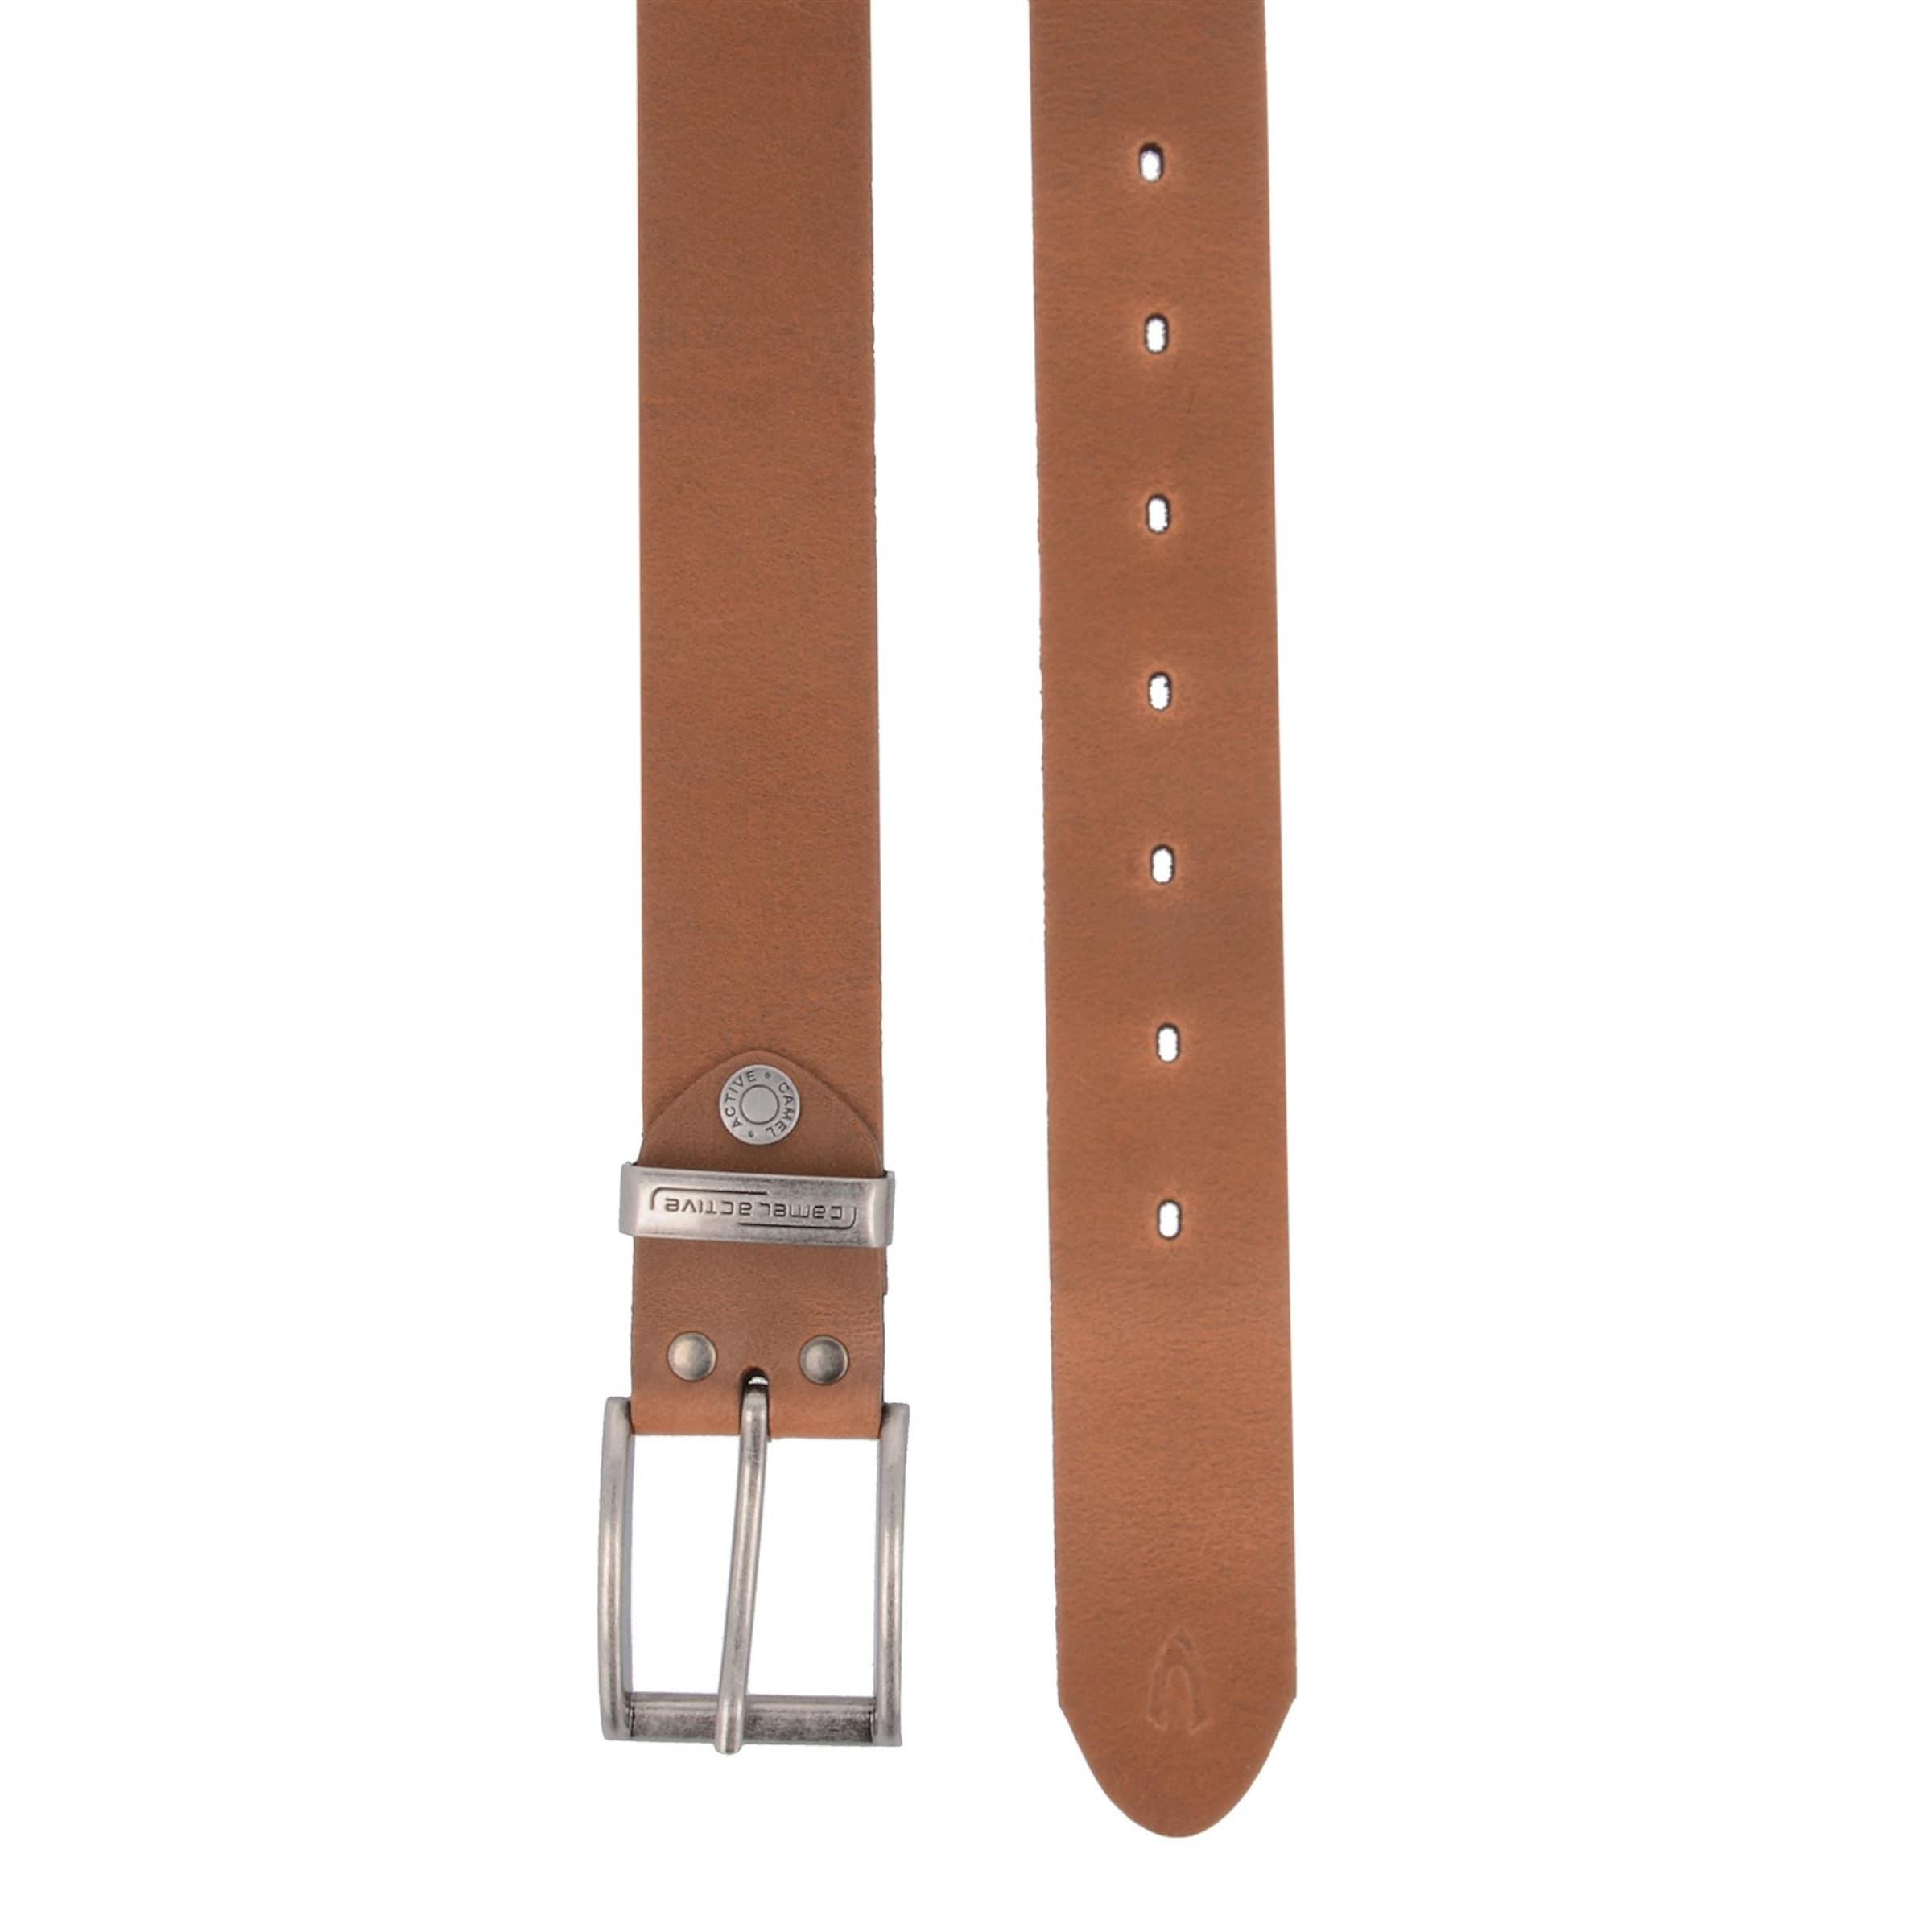 CAMEL ACTIVE Gürtel V Leder 90 cm Manchester Große Online-Verkauf Spielraum Geniue Händler Freies Verschiffen Billig Verkauf Wirklich y5EJGPYehc